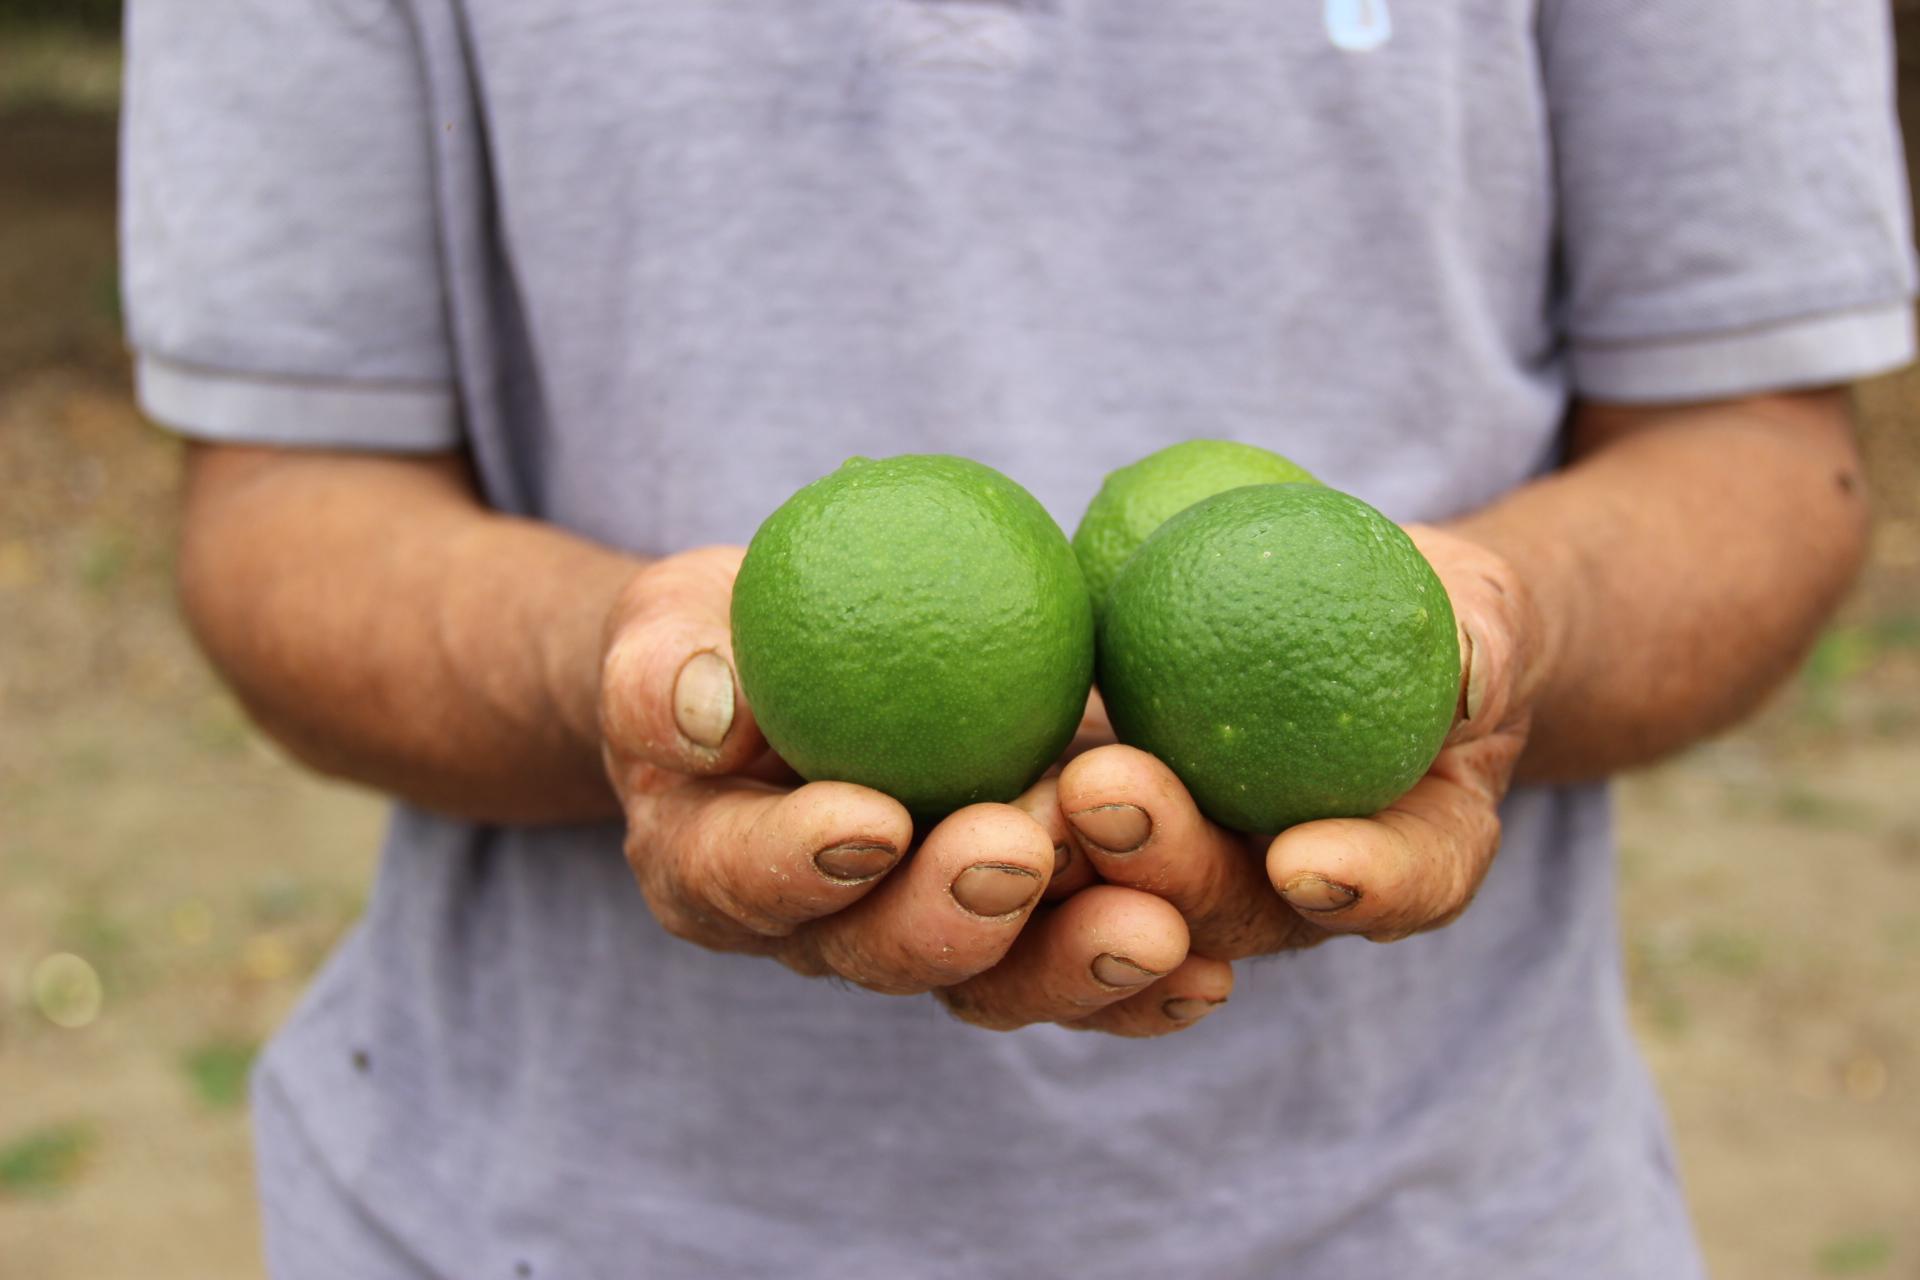 Los limones más dulces de Colombia: la apuesta para sustituir la coca en Nariño